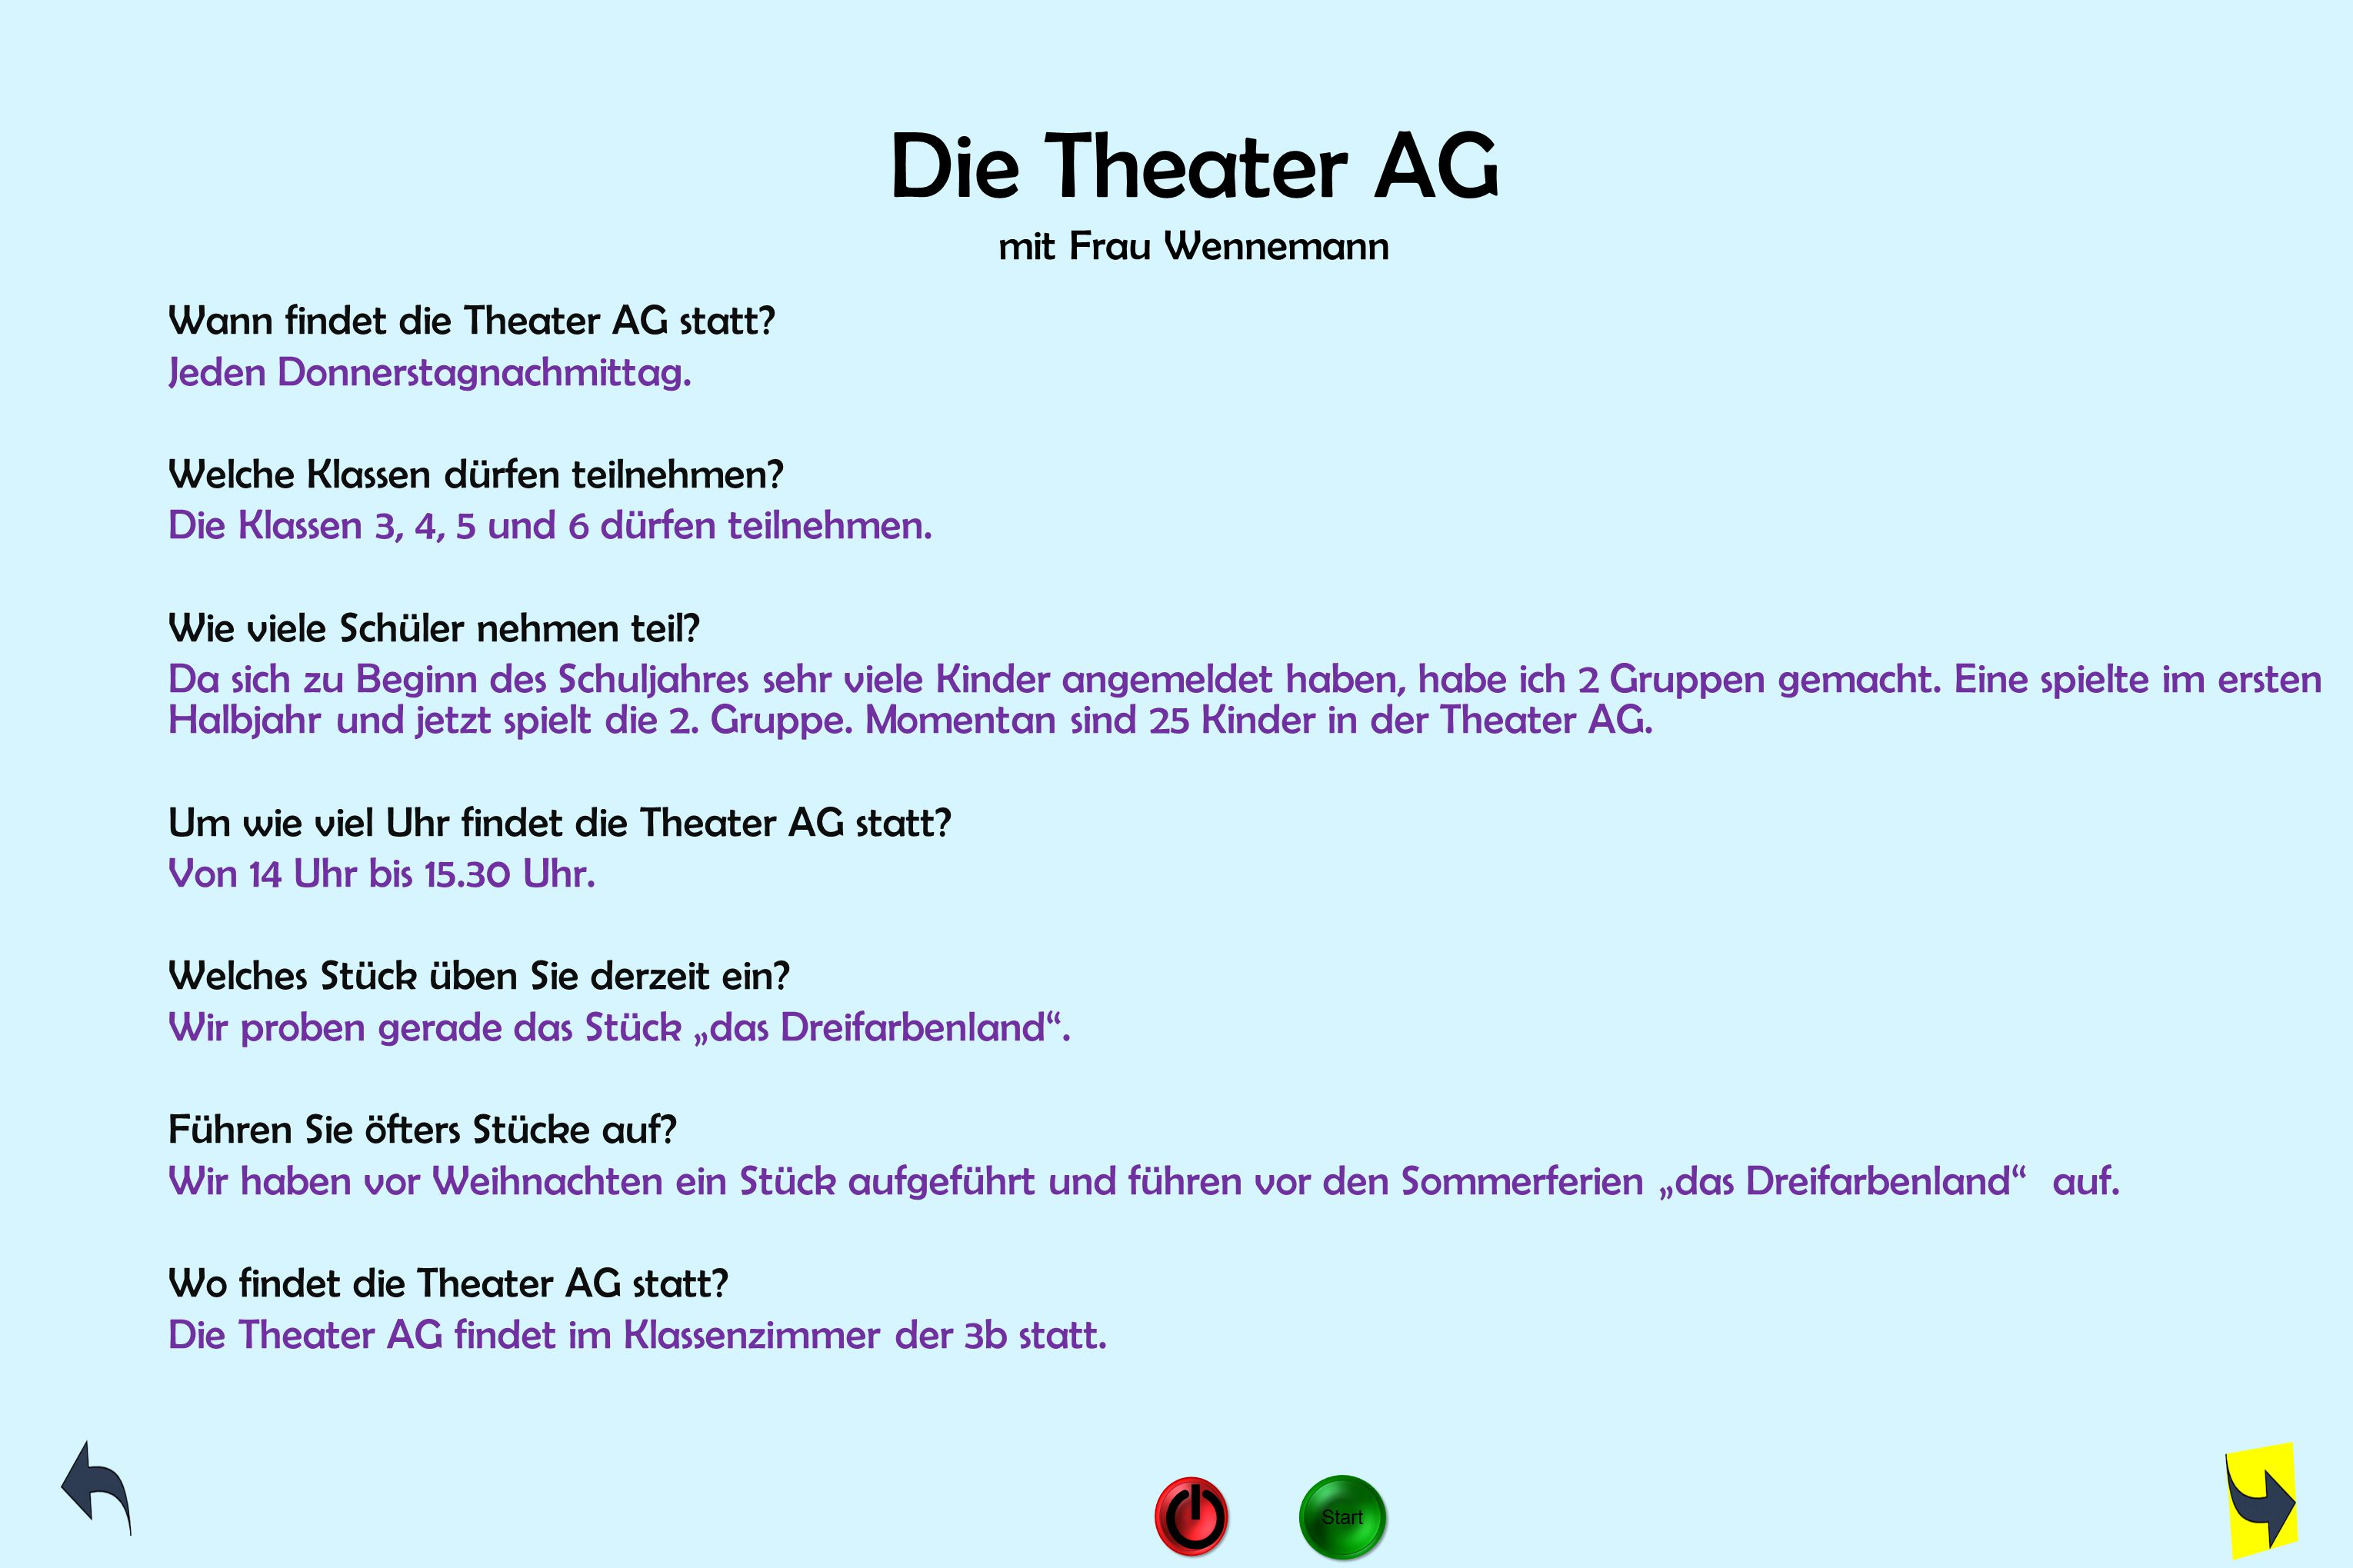 Die Theater AG mit Frau Wennemann